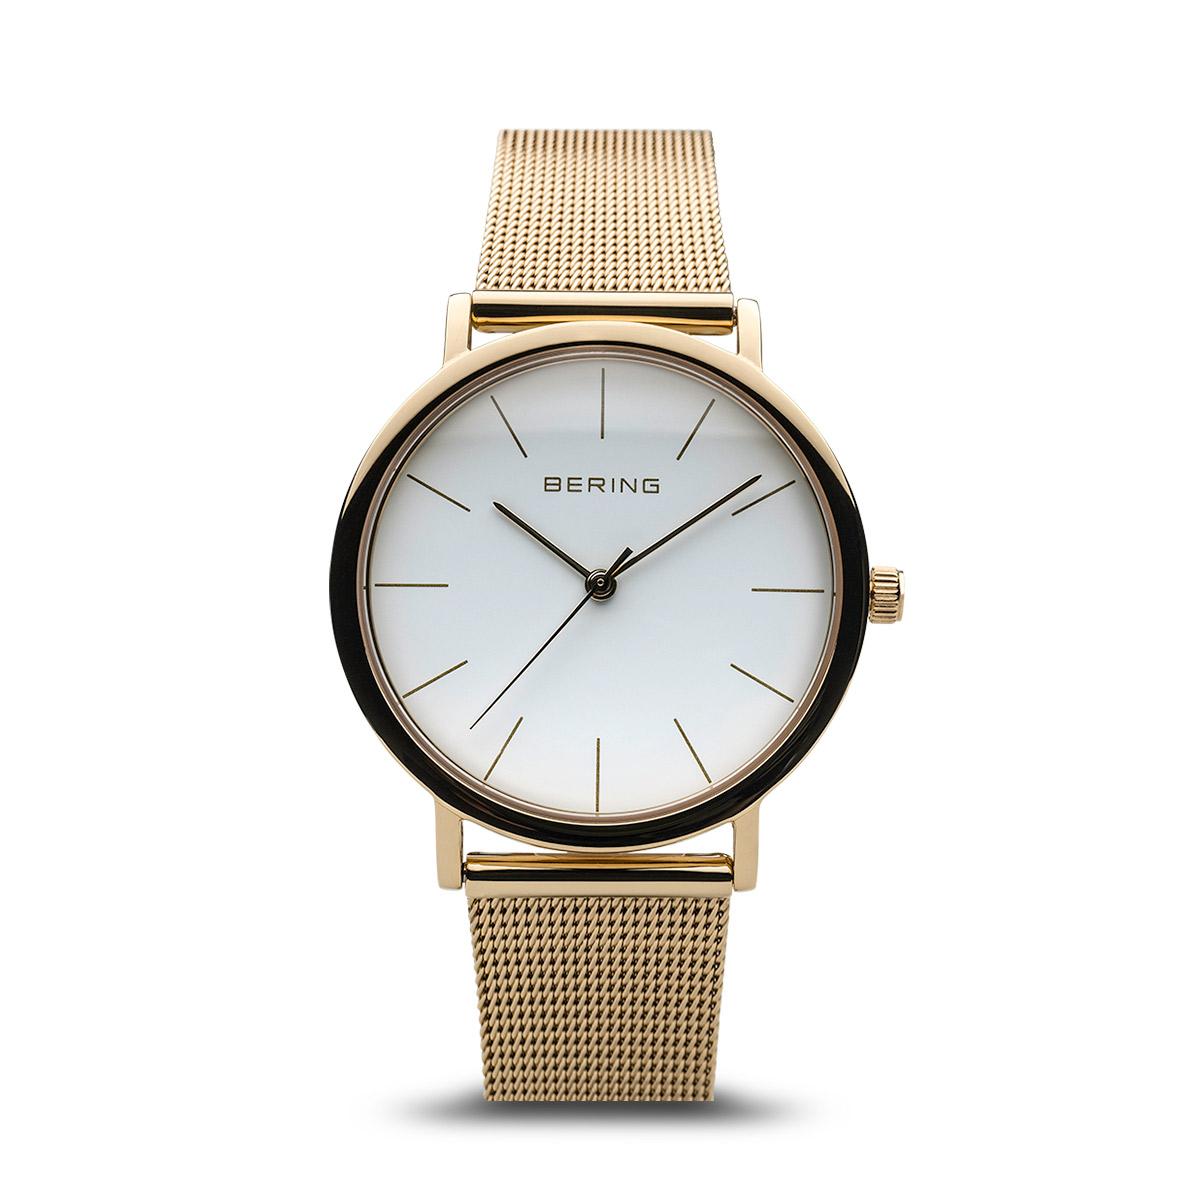 שעון ברינג דגם 13436-334 BERING